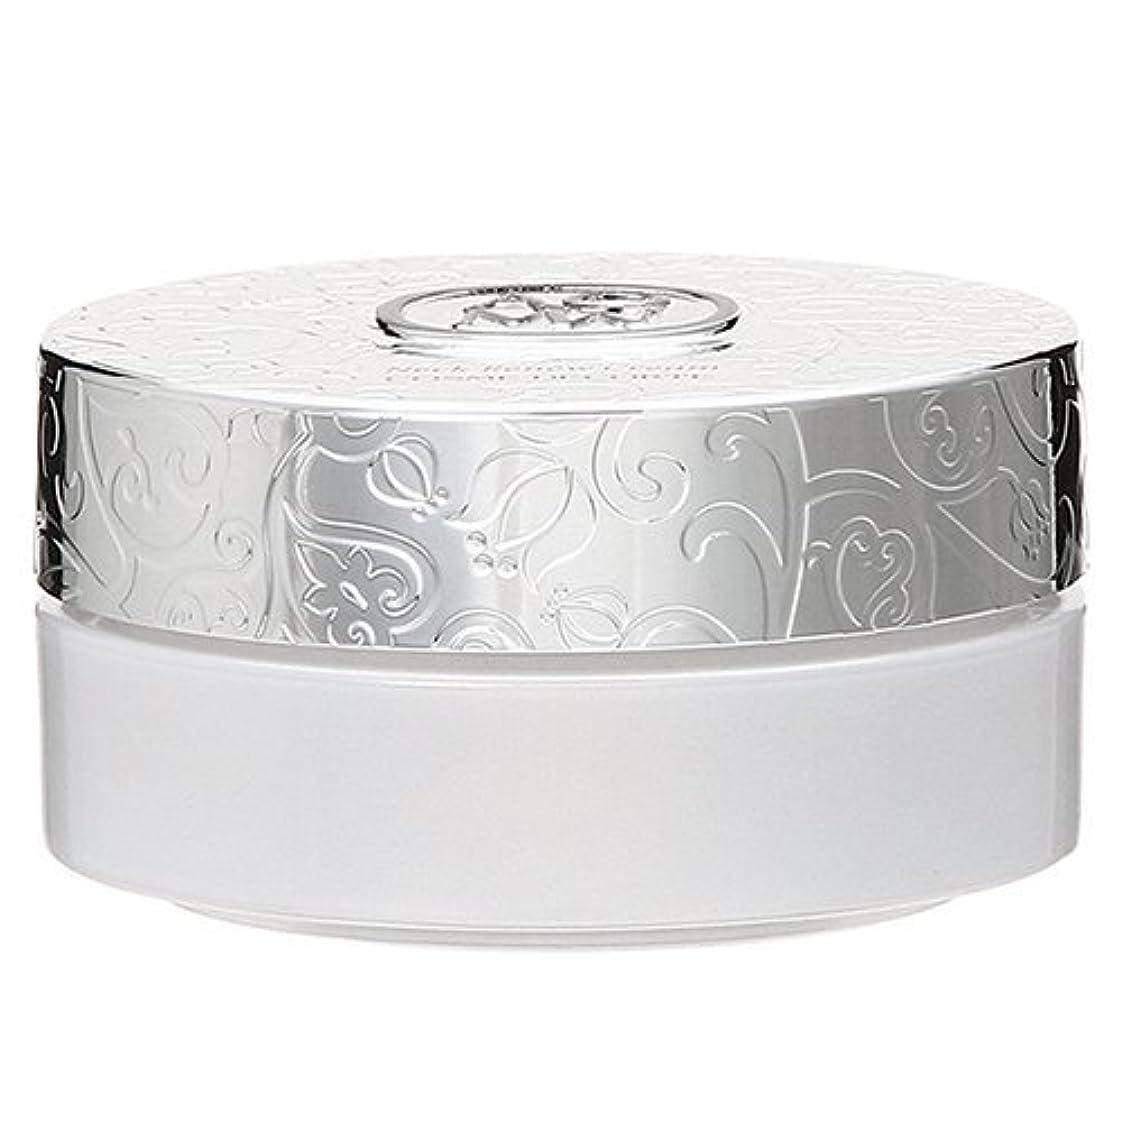 タンザニアシールメカニックコーセー コスメデコルテ AQMW ネックリニュークリーム 50g